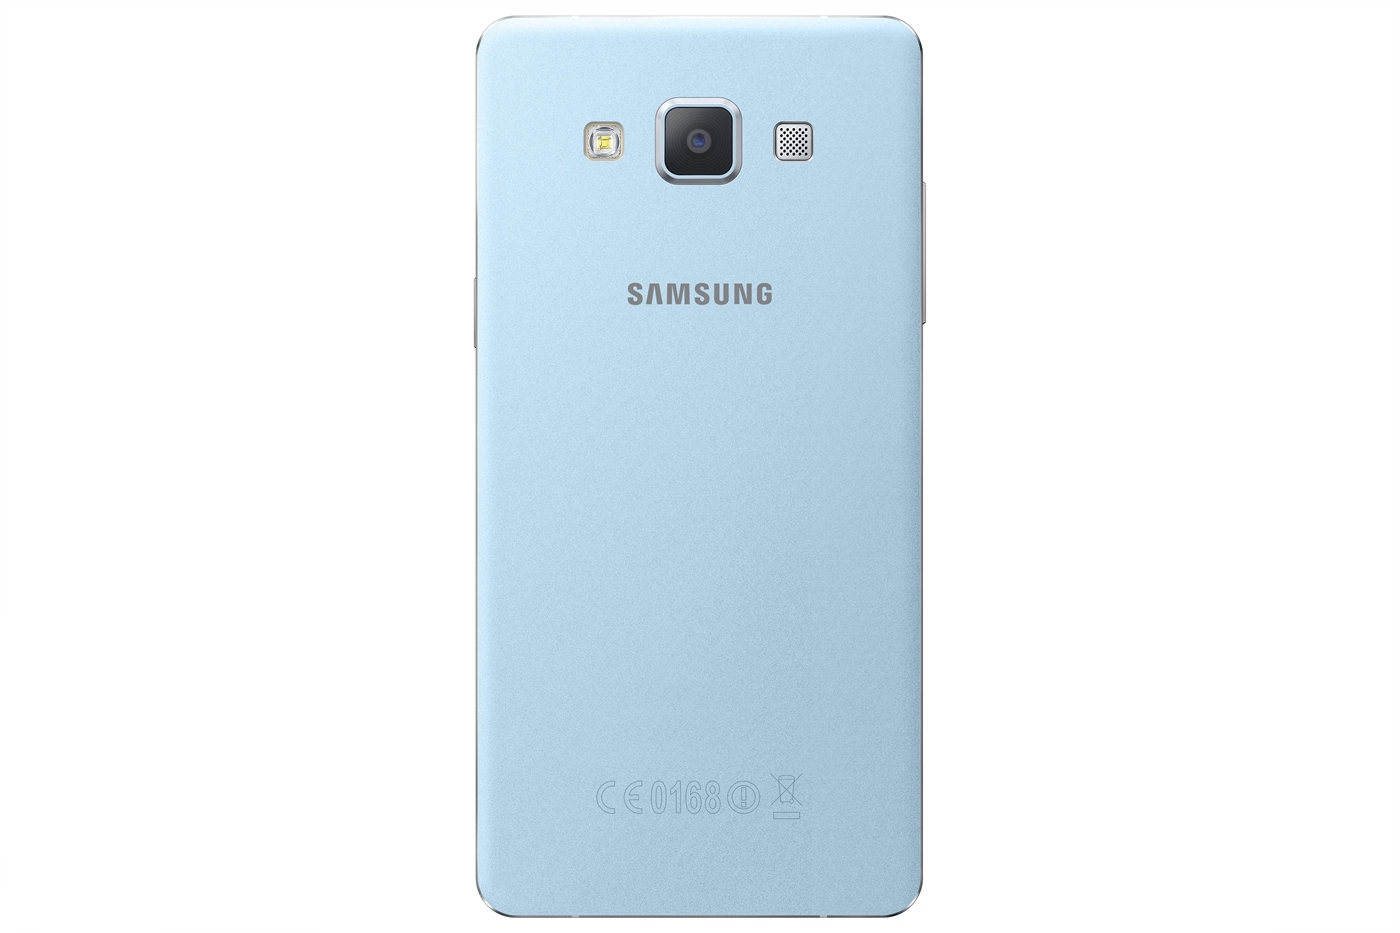 Samsung Galaxy A5 y Galaxy A3